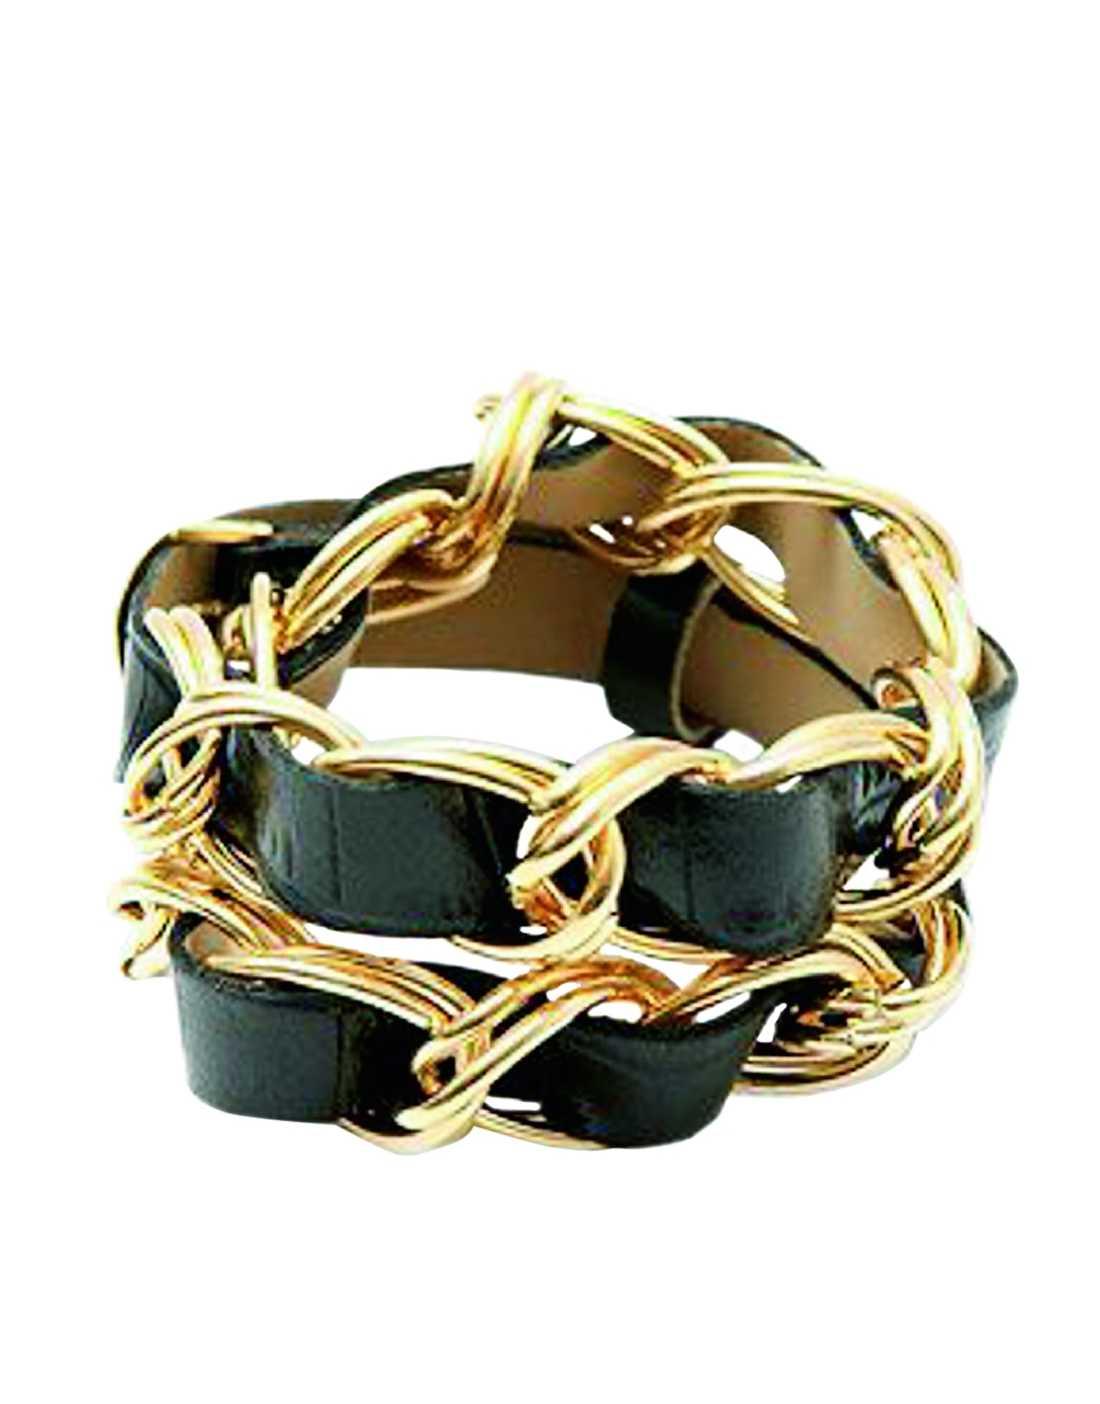 Det här armbandet vill vi matcha med en söt klänning. Pris cirka 135 kronor, www.asos.com